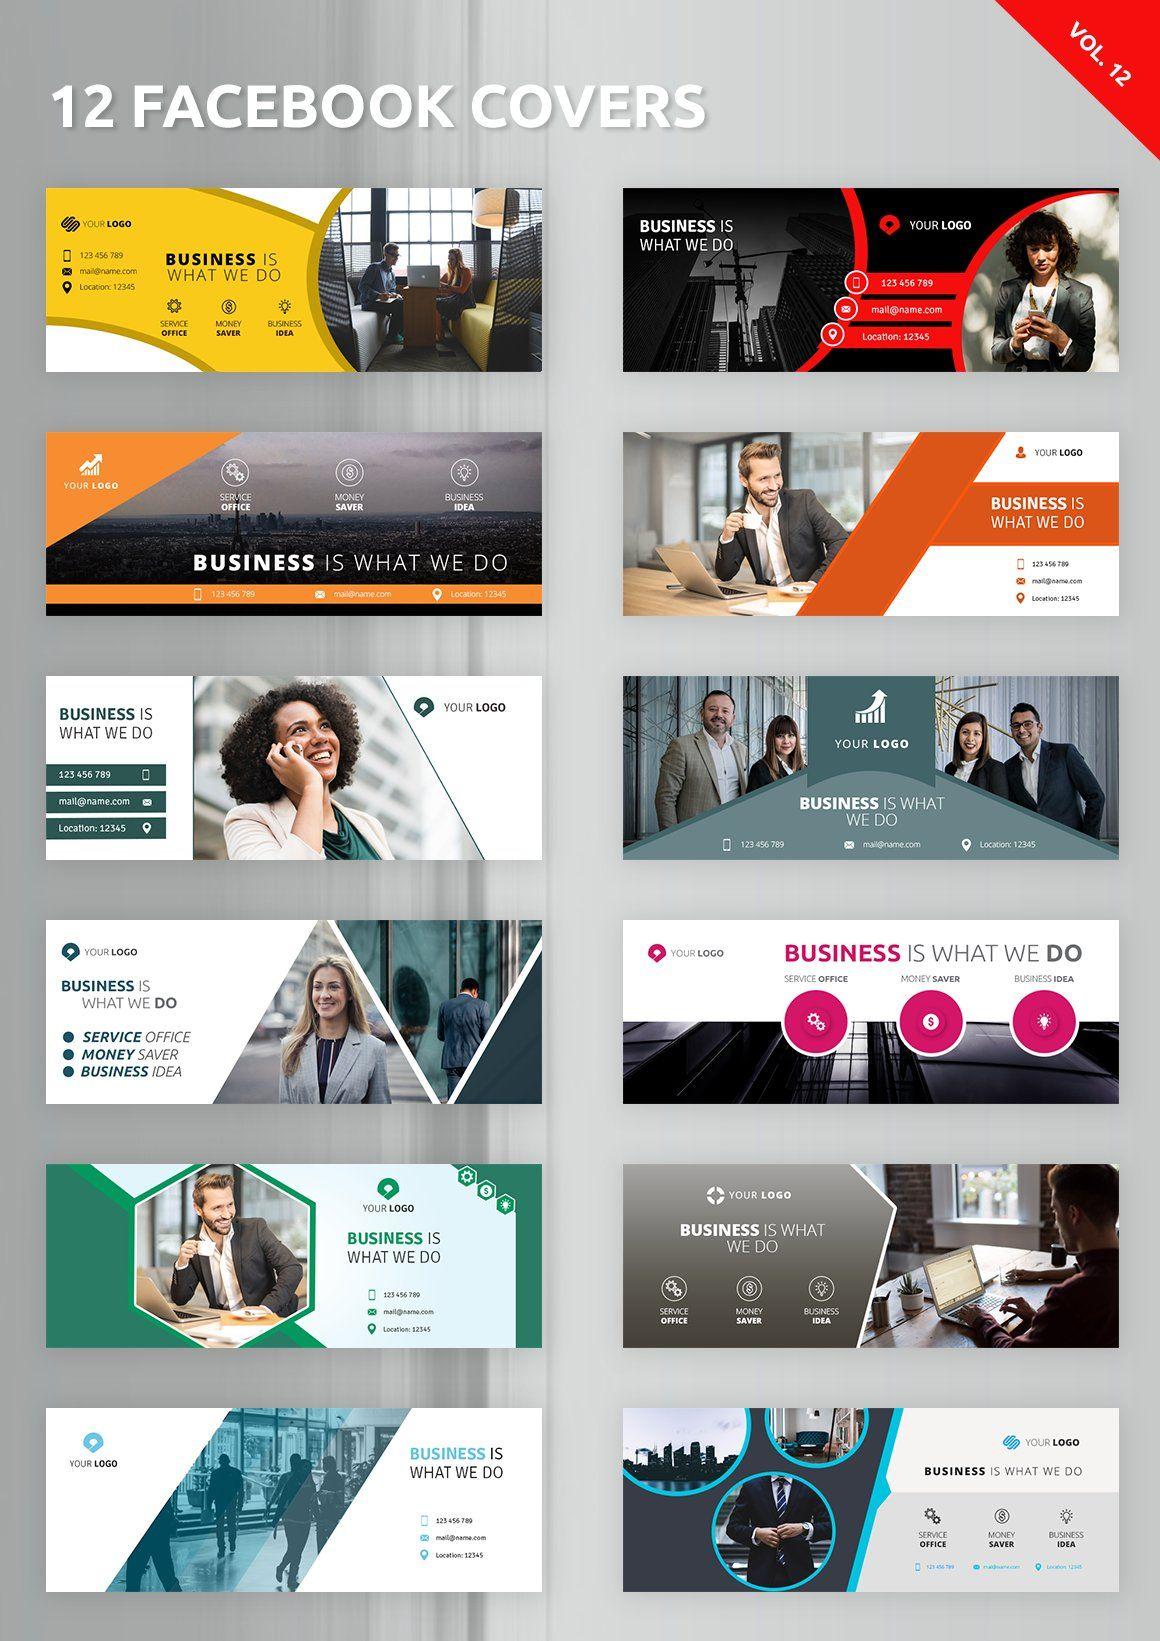 12 Facebook Covers Facebook Cover Design Facebook Ads Design